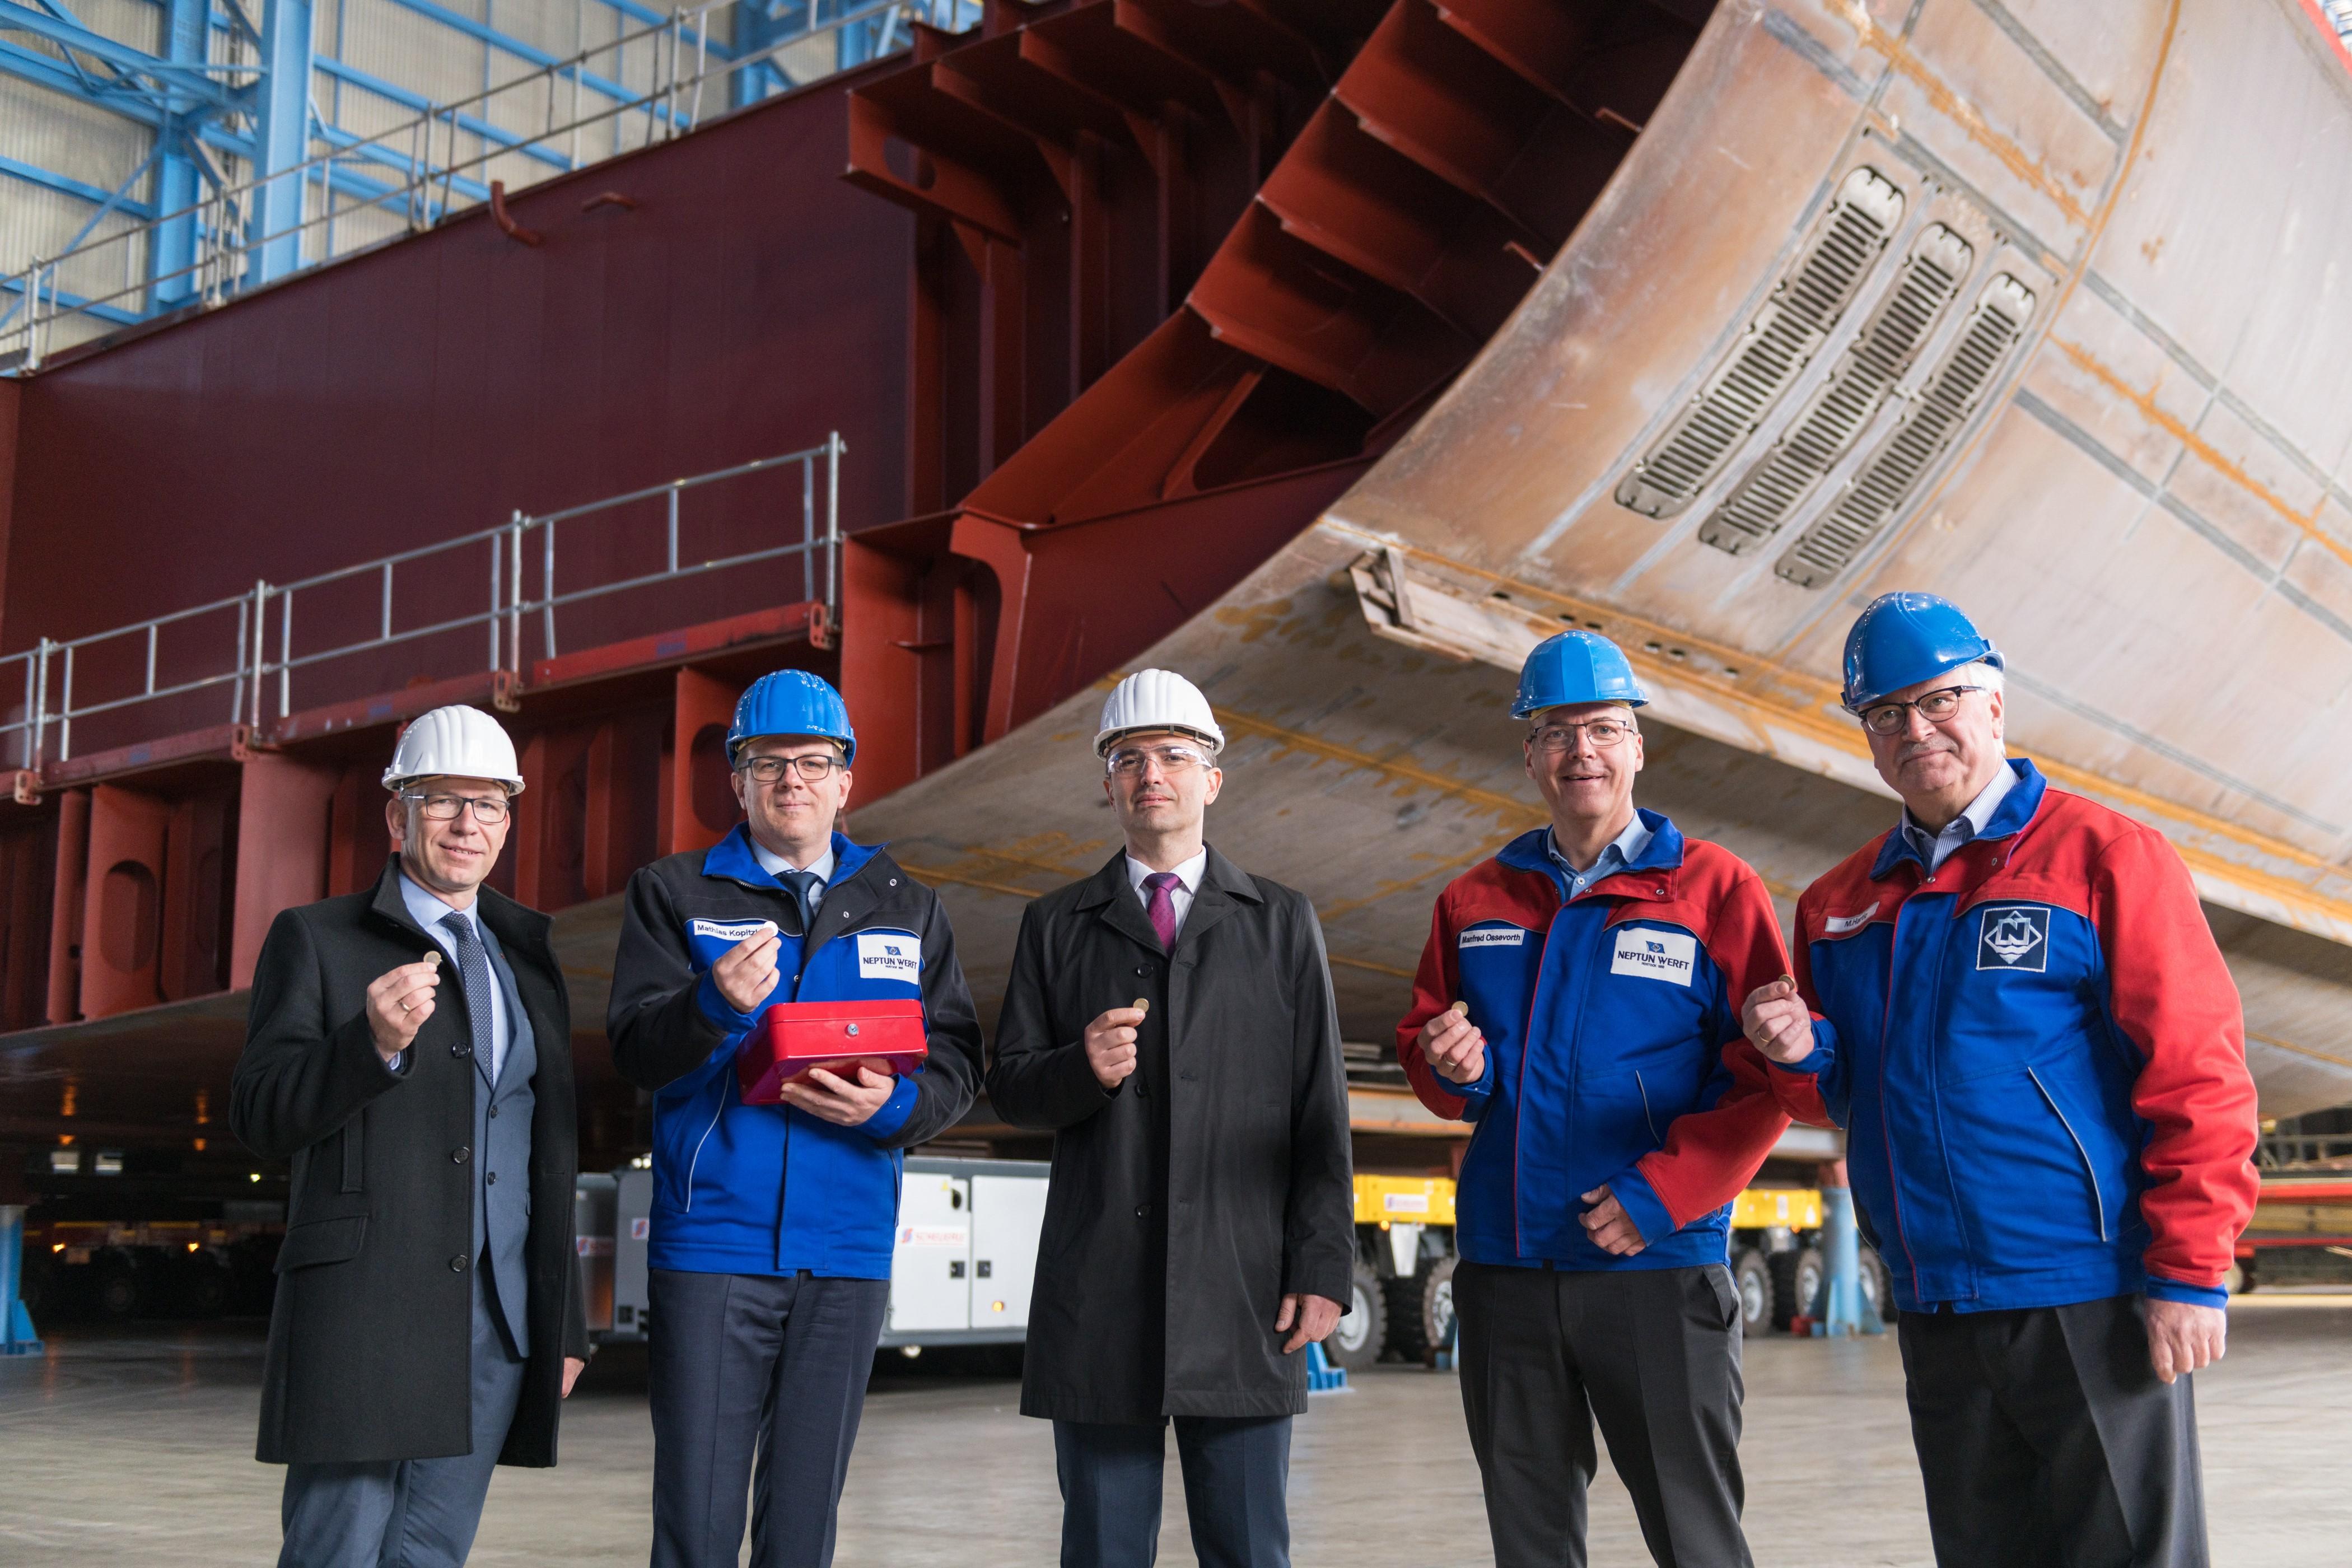 Auf der Neptun Werft wurde der erste Block für das Kreuzfahrtschiff Odyssey of the Seas für die Reederei Royal Caribbean International auf Kiel gelegt